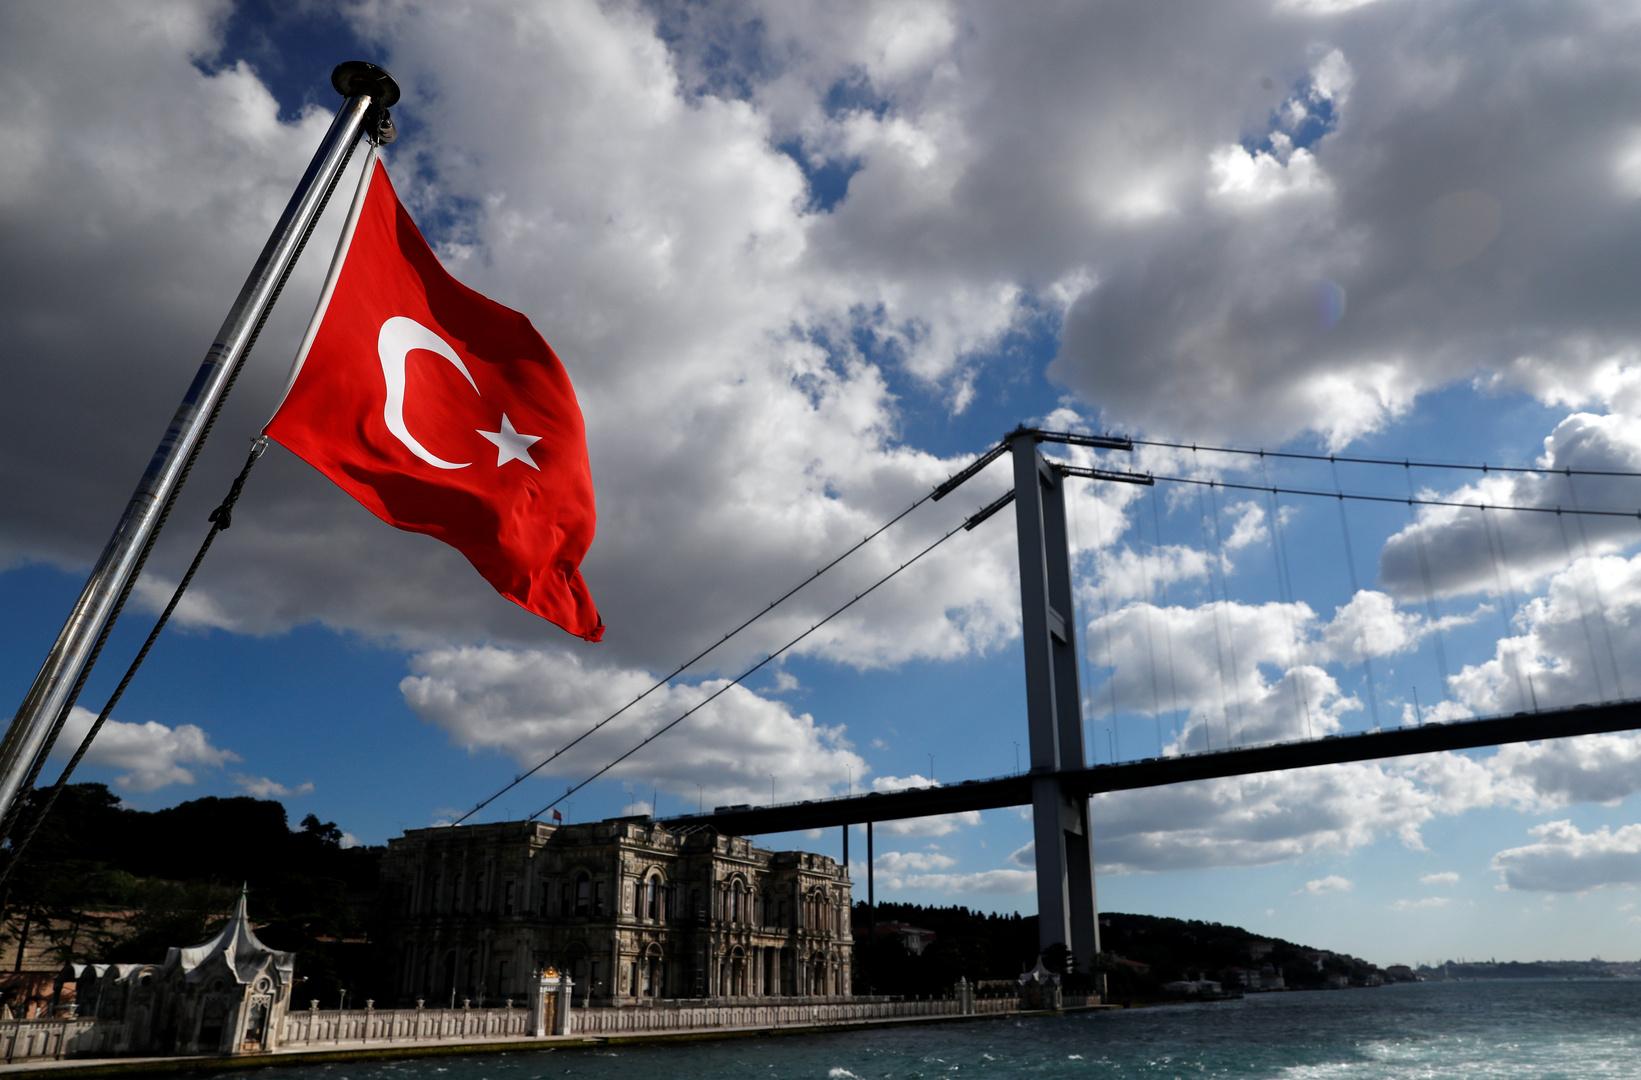 بعد واقعة الأريكة.. تركيا تغازل رئيسة المفوضية الأوروبية